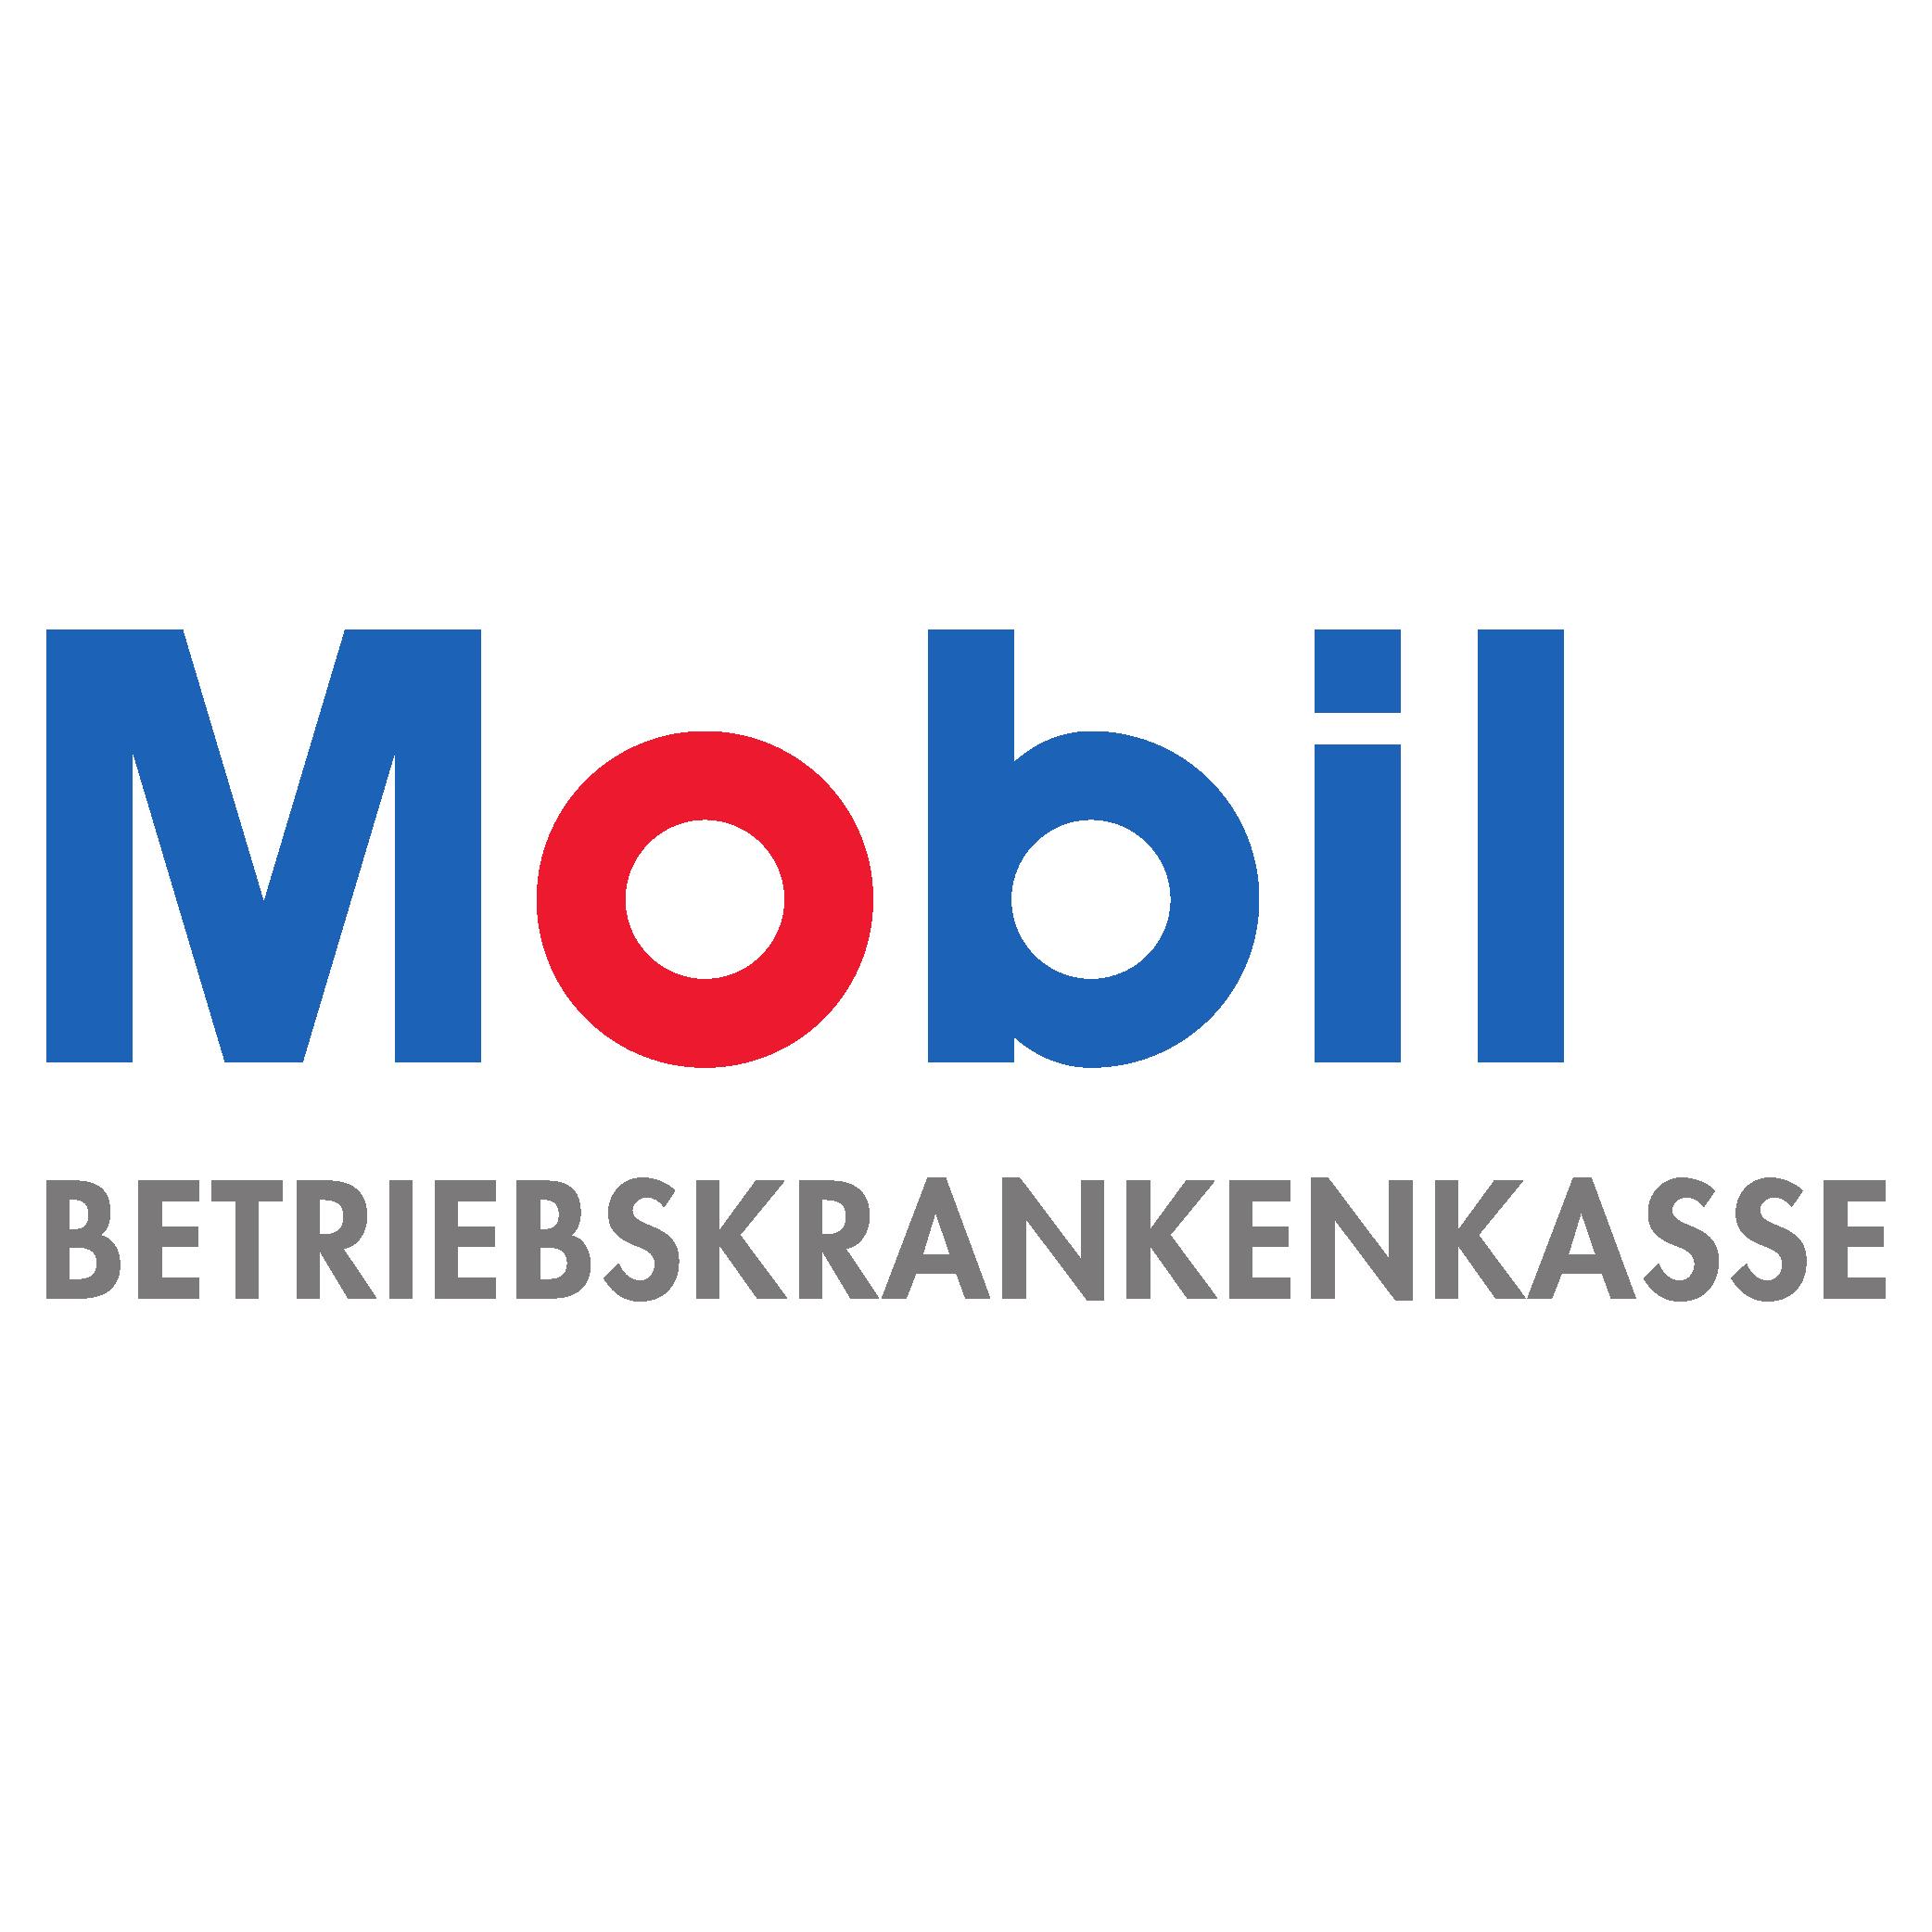 Markenzeichen der BKK MOBIL OIL